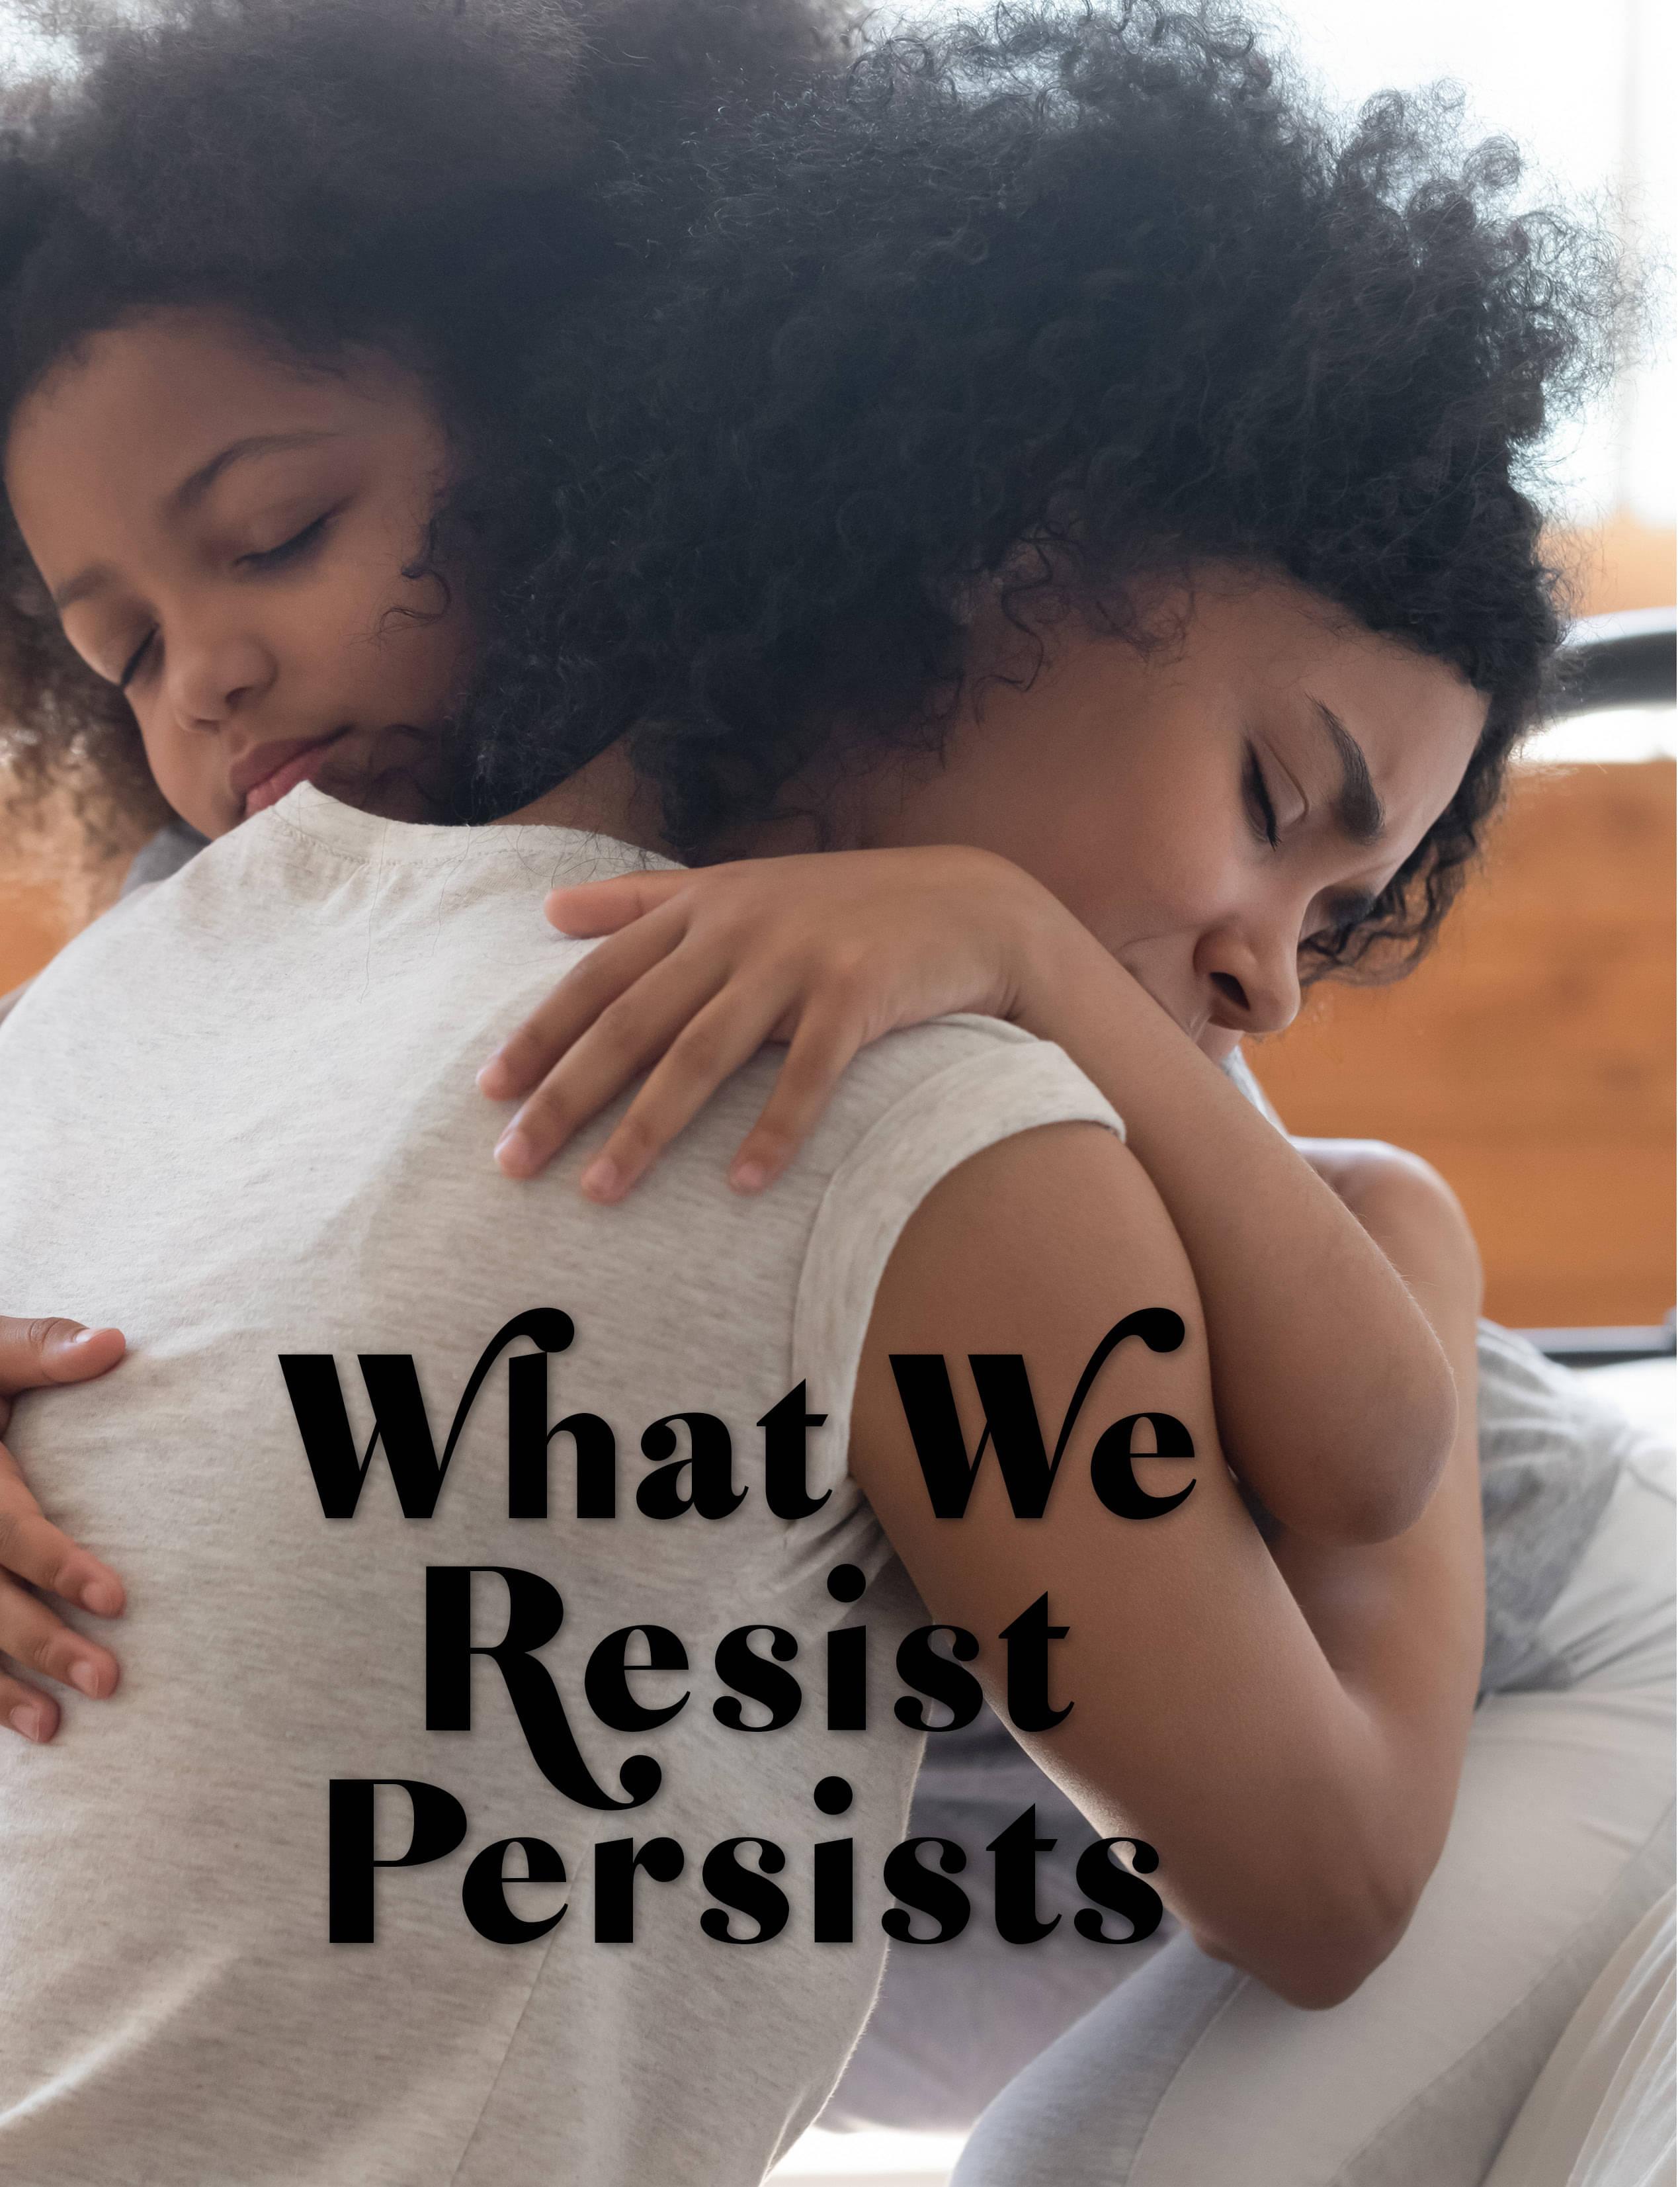 What We Resist Persists